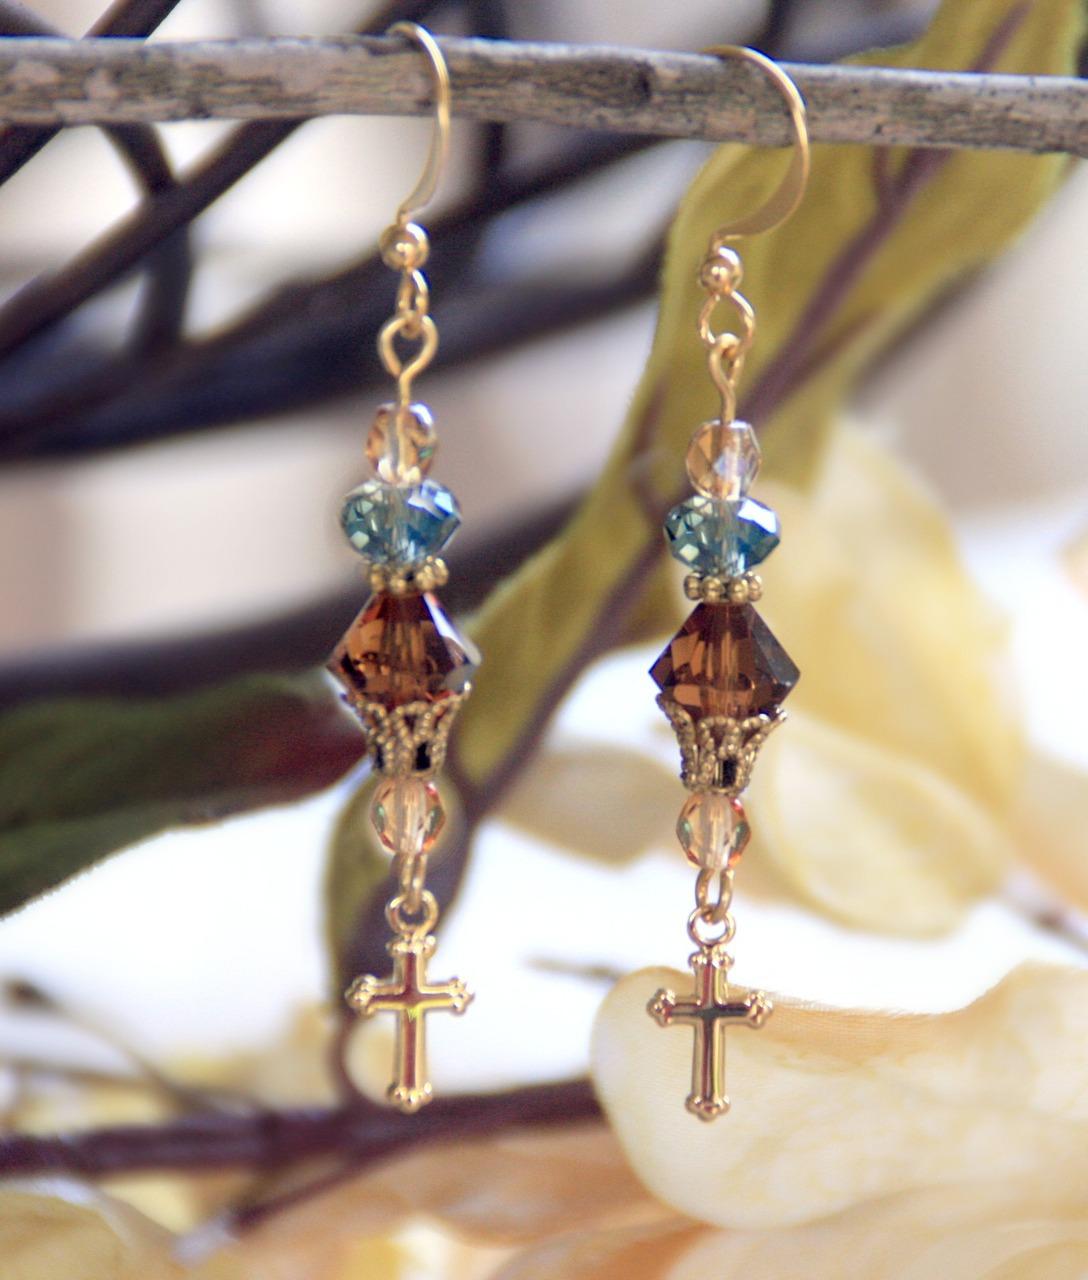 Crystal and Cross Drop Earrings earrings, jewelry, drop earrings, double cross earrings, mothers day gift, cross earrings, cross, crystal earrings, in-706